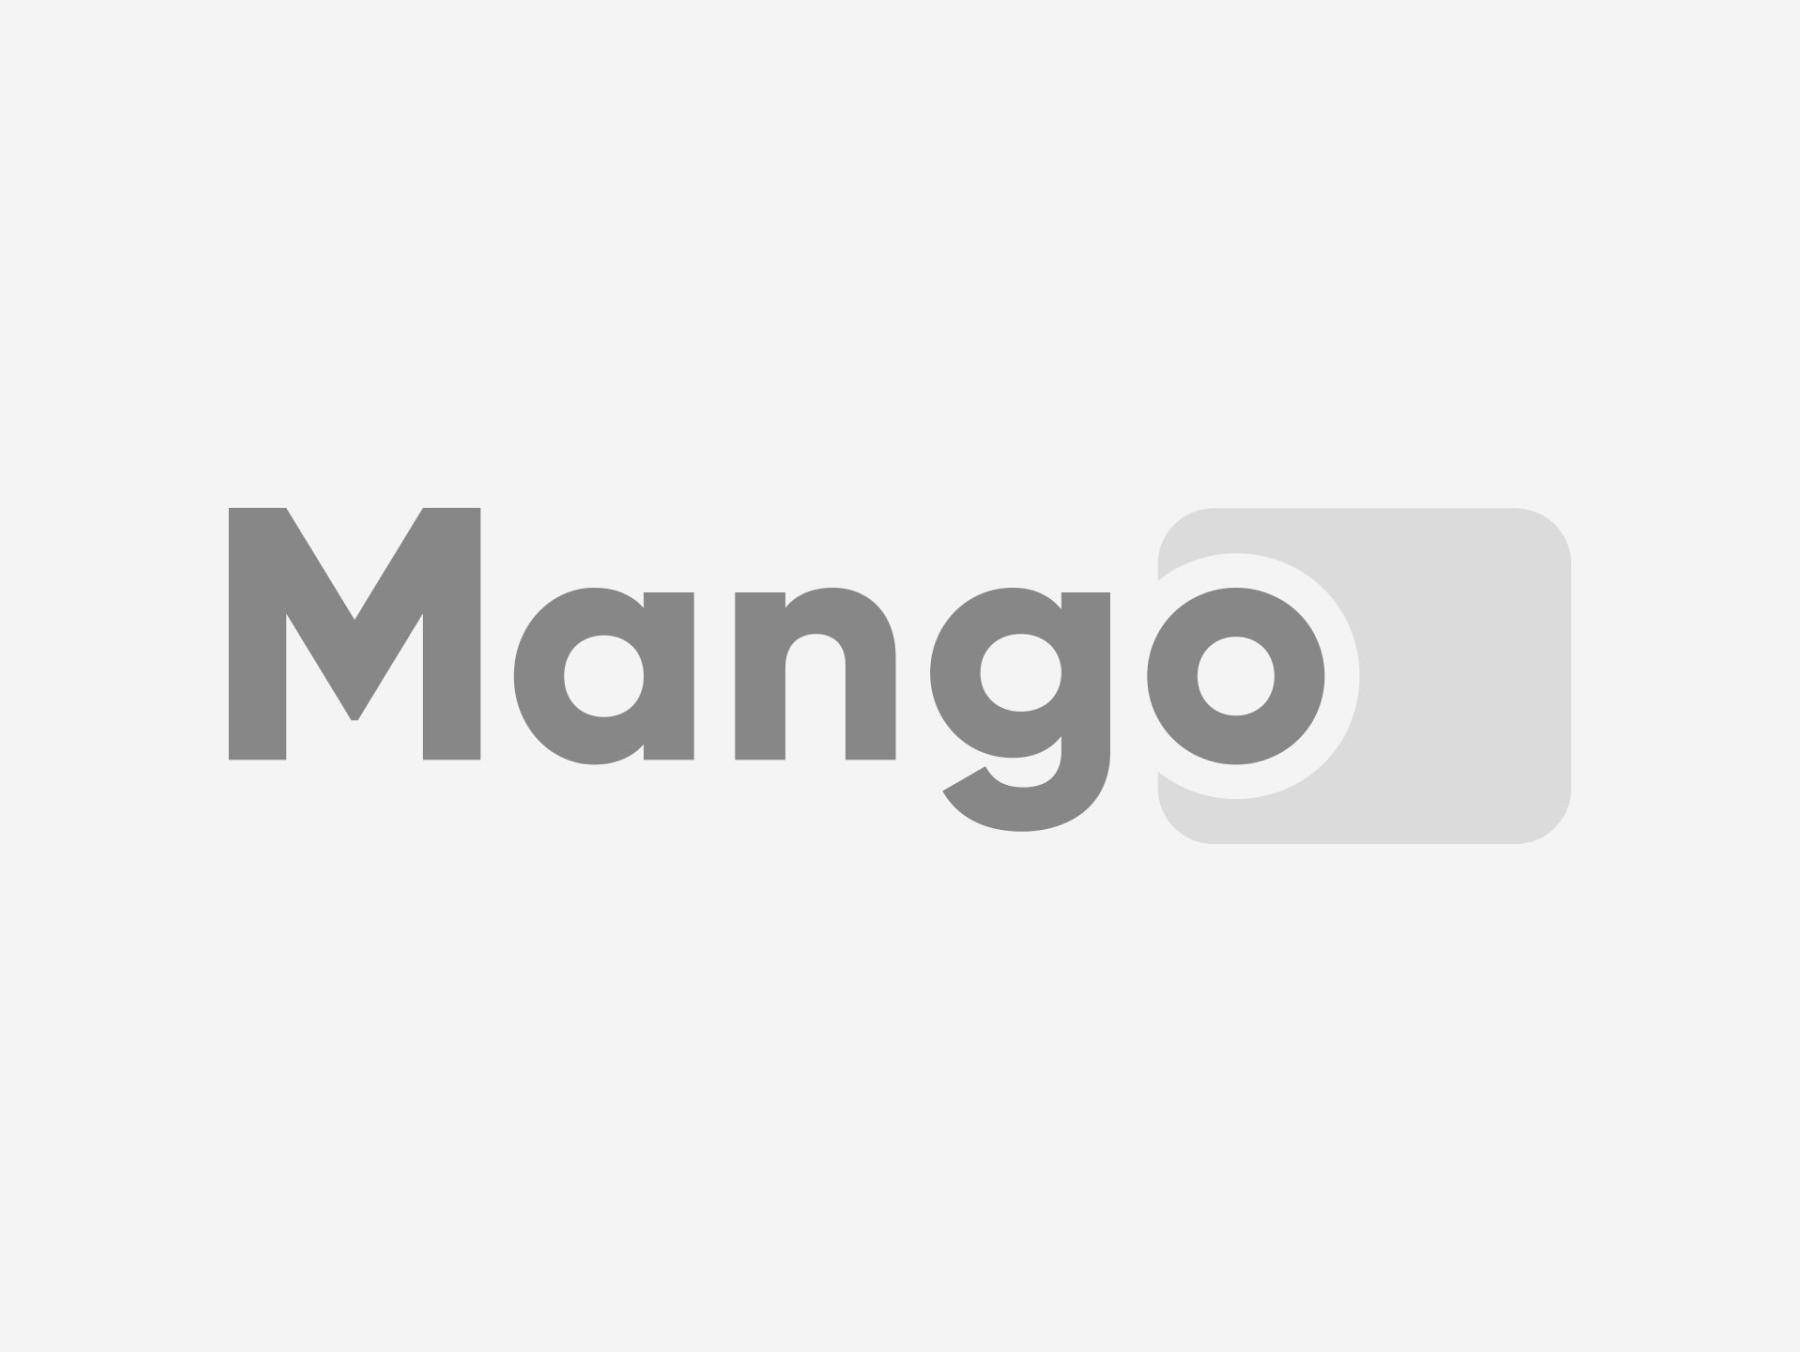 Set Cercuri pentru Plaja imagine